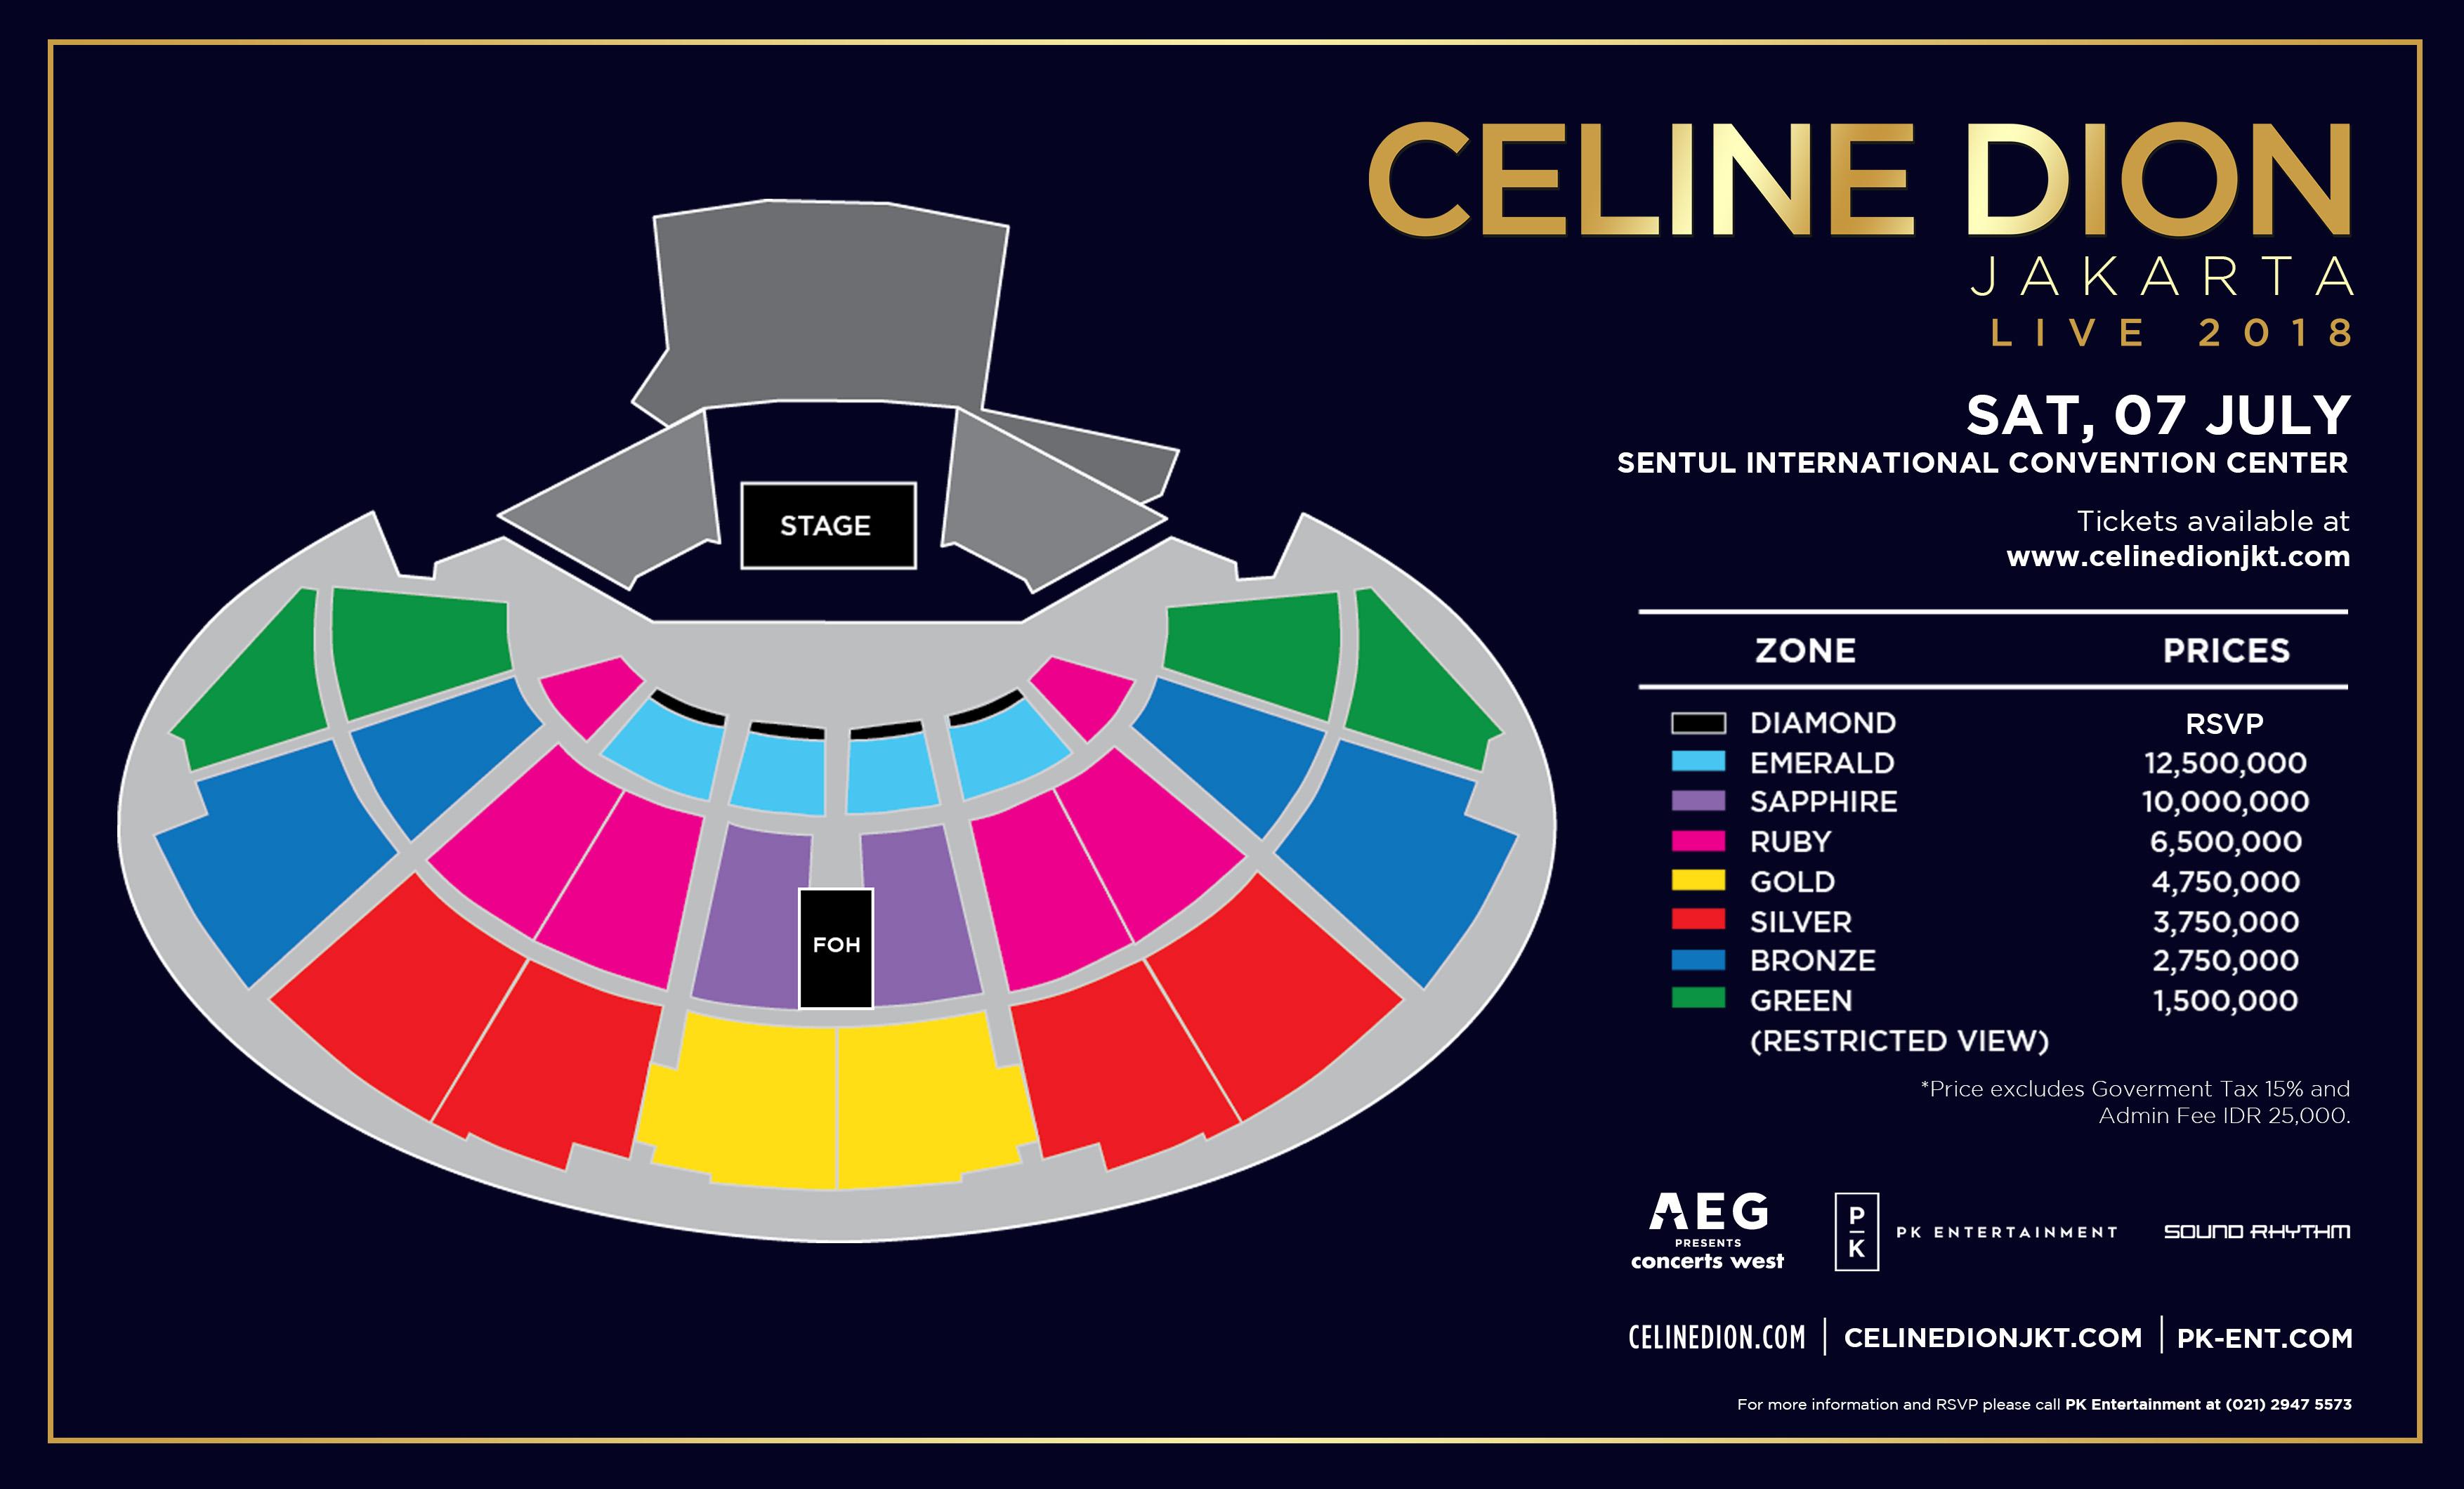 Perbandingan Harga Tiket Konser Mariah Carey dan Celine Dion di Indonesia